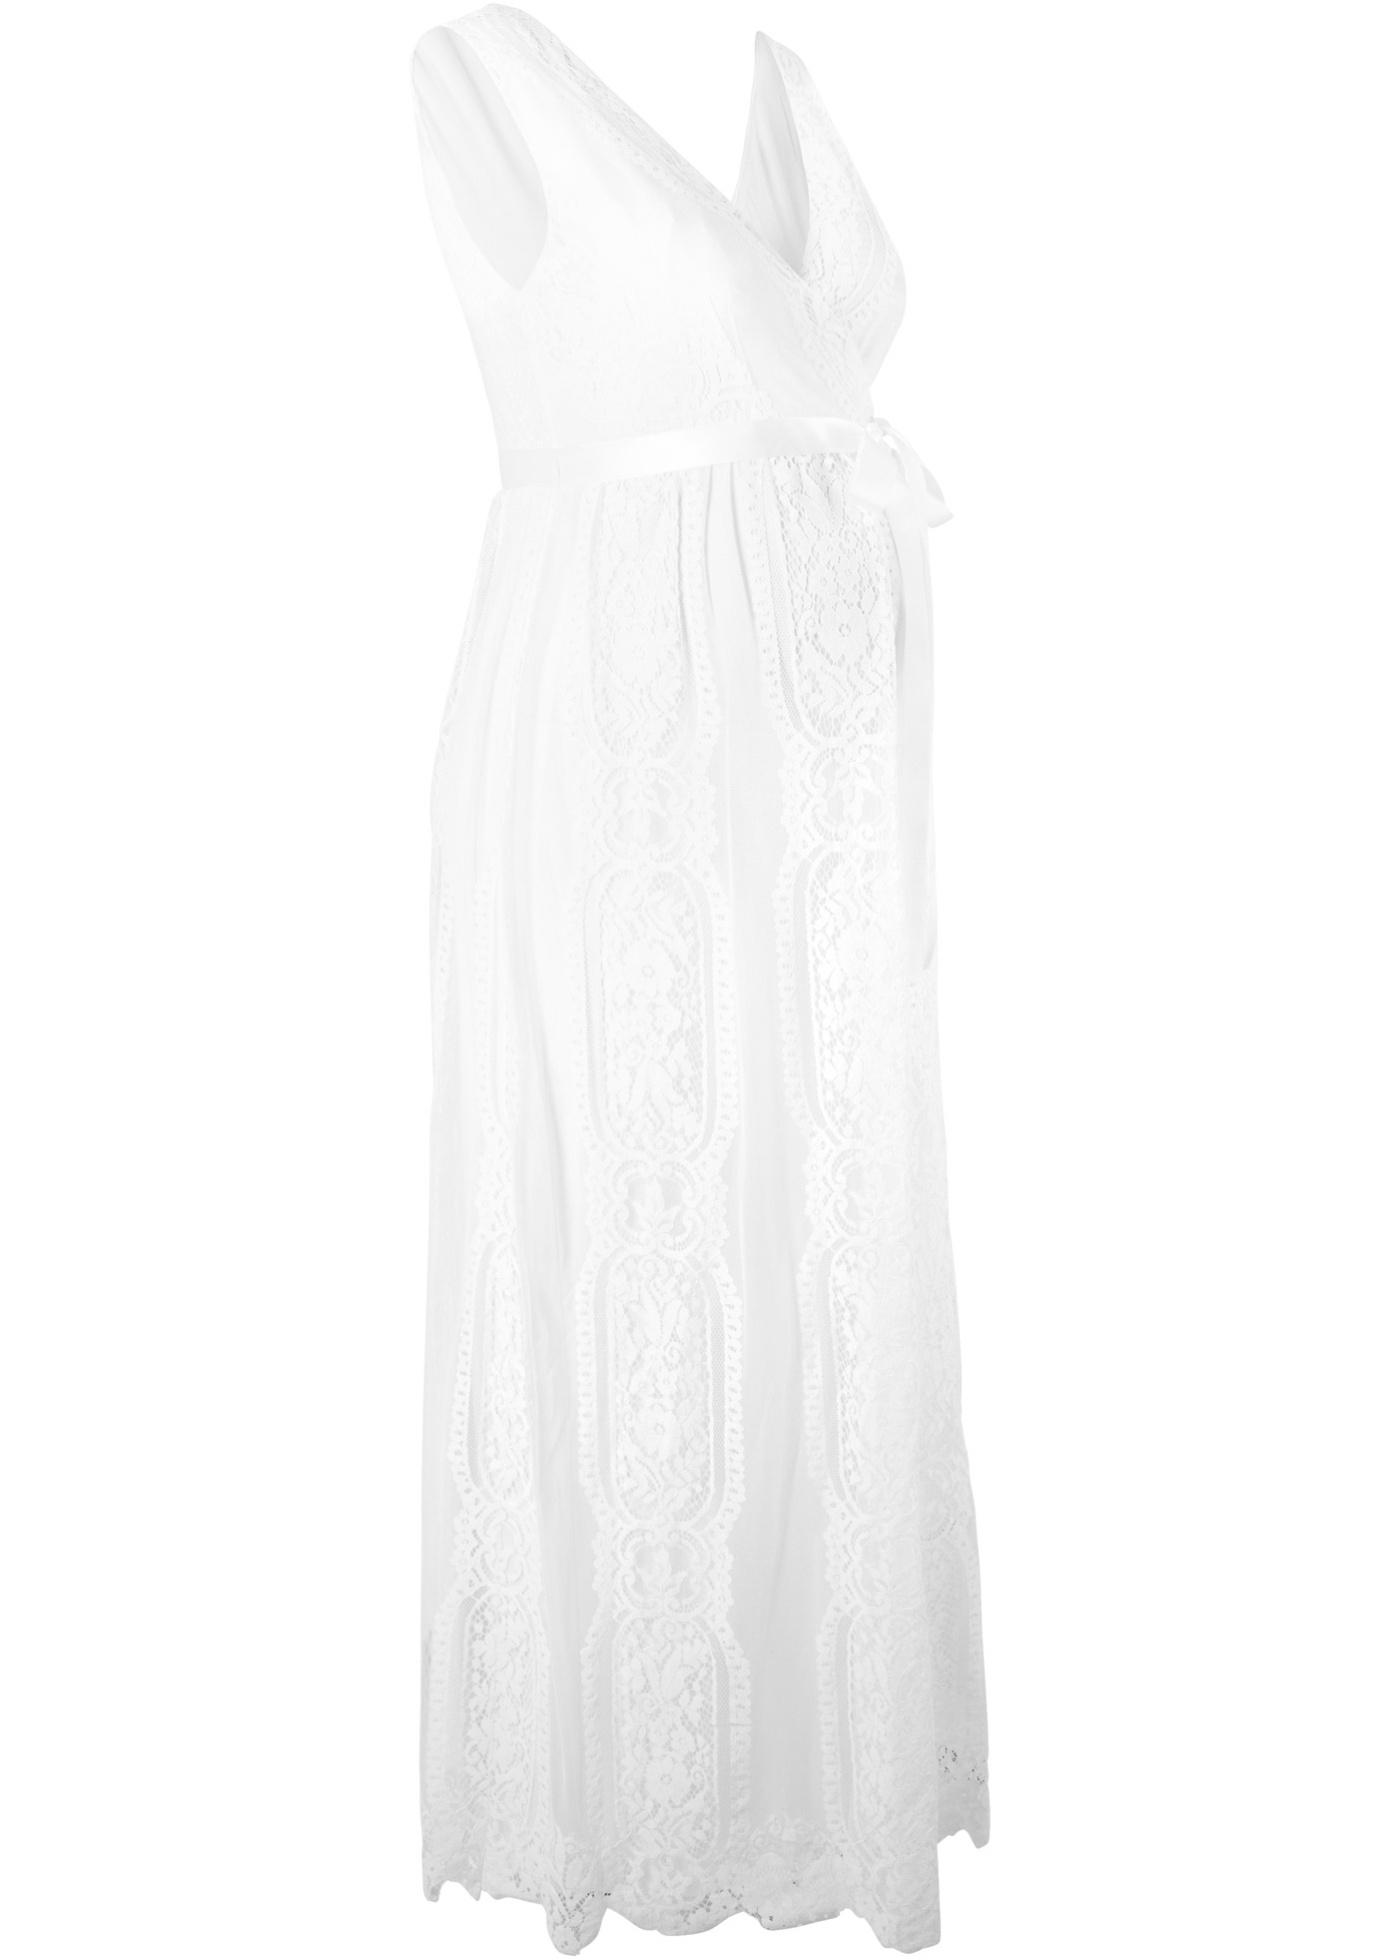 Umstands-Hochzeitskleid / Festliches Umstandskleid